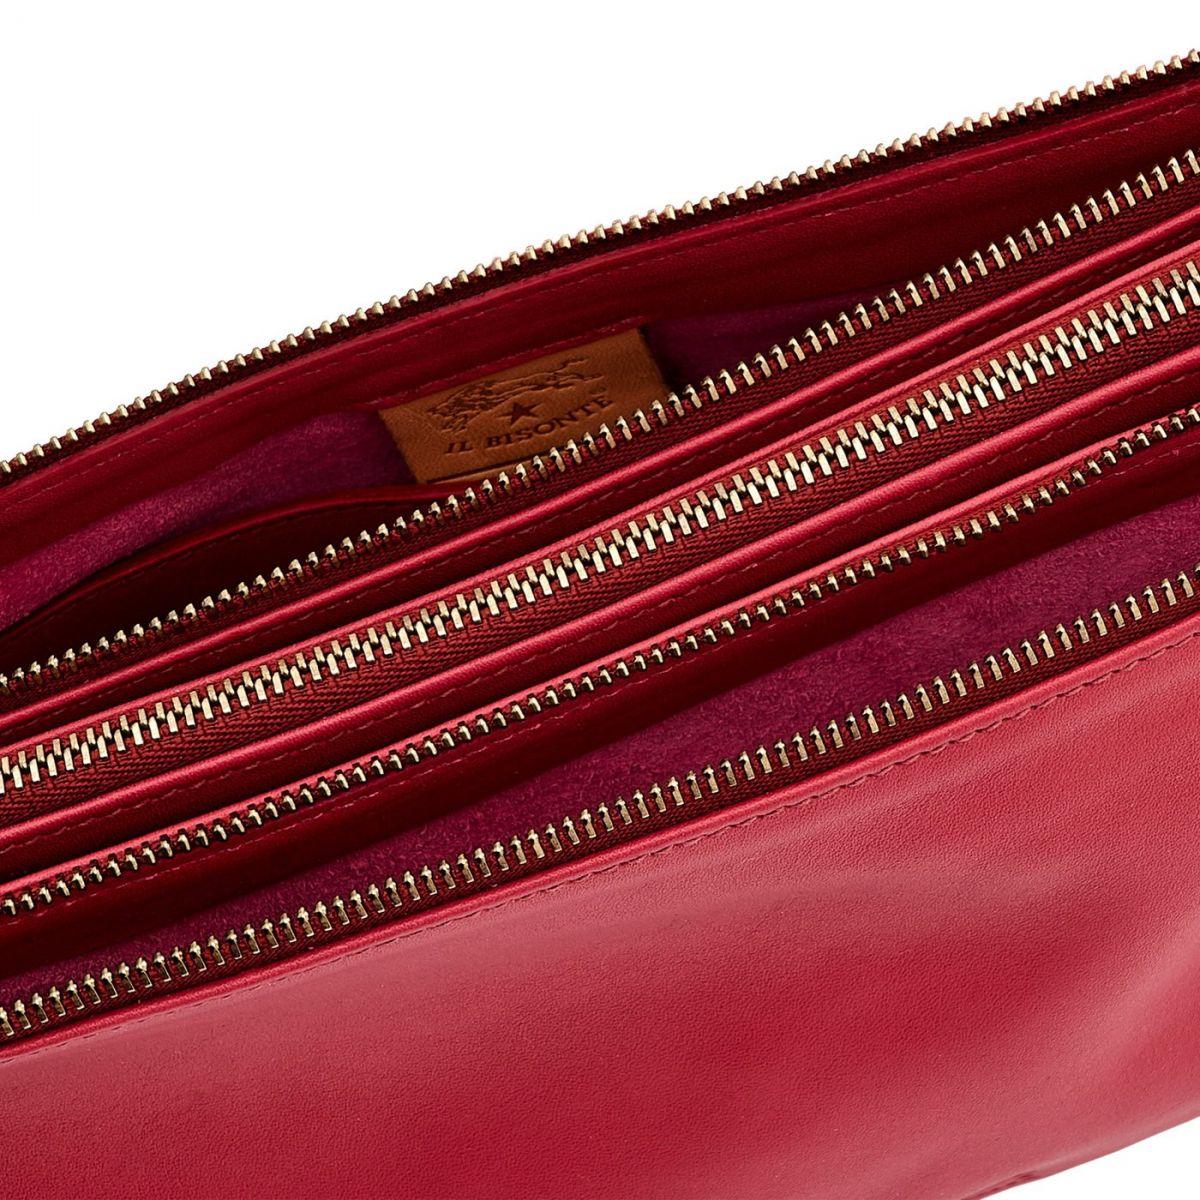 Sac Epaule pour Femme  en Cuir De Vachette Souple BSH093 couleur Sumac | Details